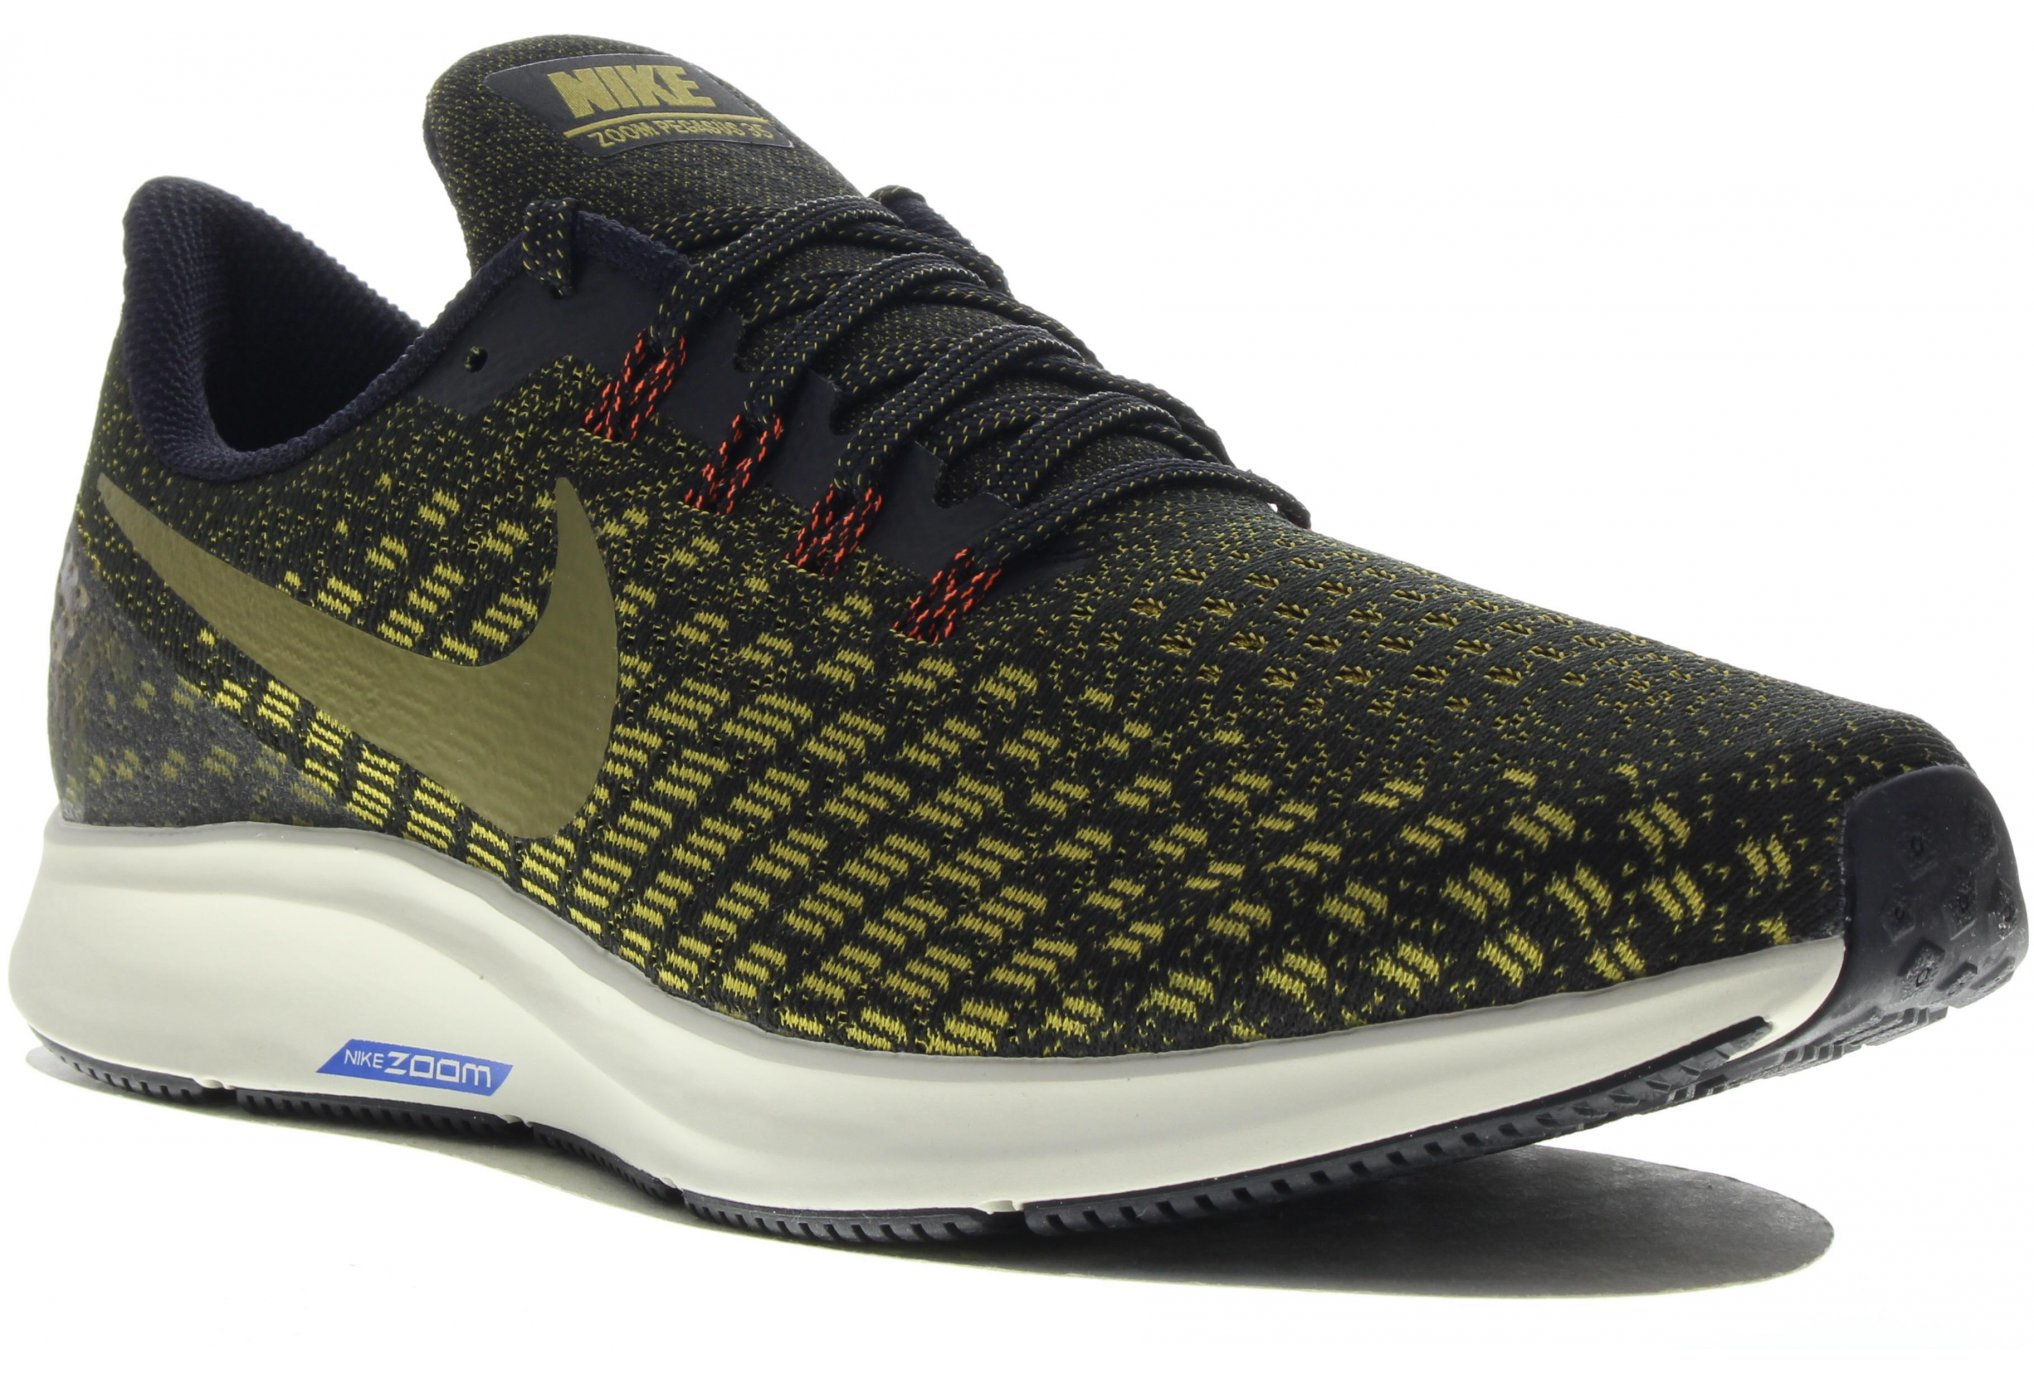 hot sale online 1aaf3 d4778 Precios de Nike Air Zoom Pegasus 35 baratas - Ofertas para comprar ...